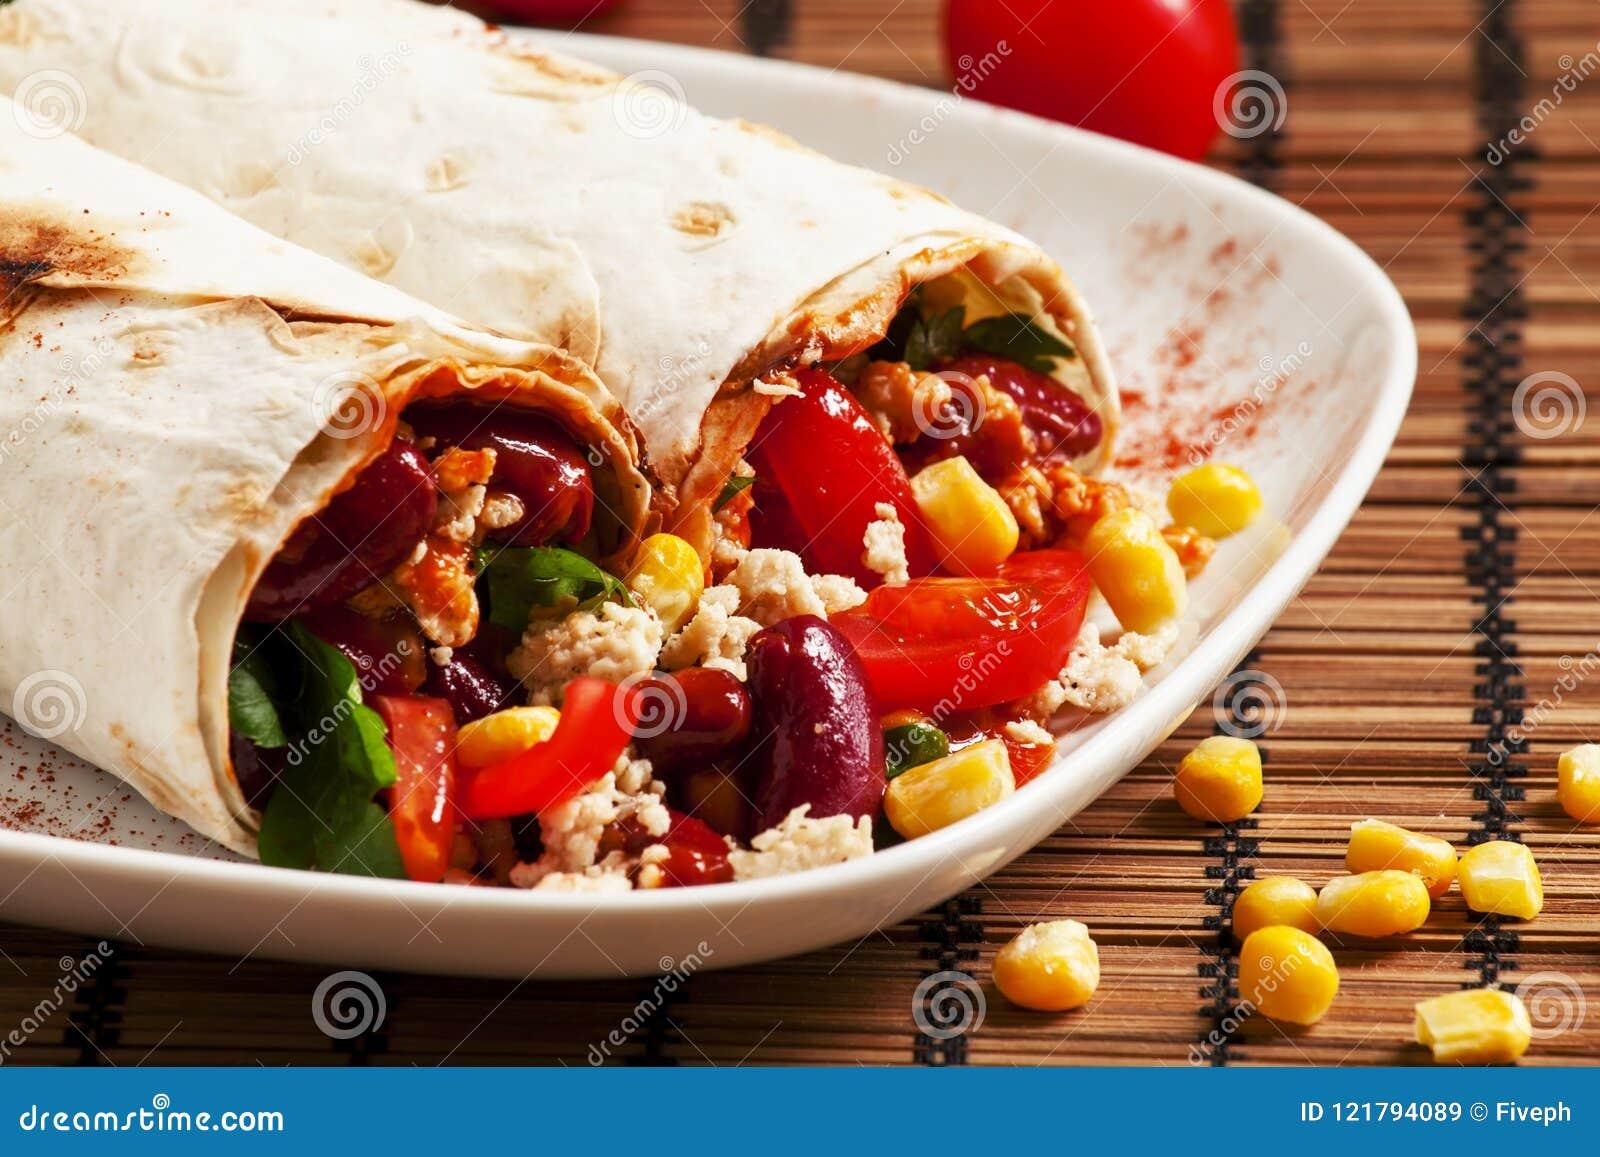 Nourriture mexicaine traditionnelle, burritos avec de la viande et haricots, selectiv